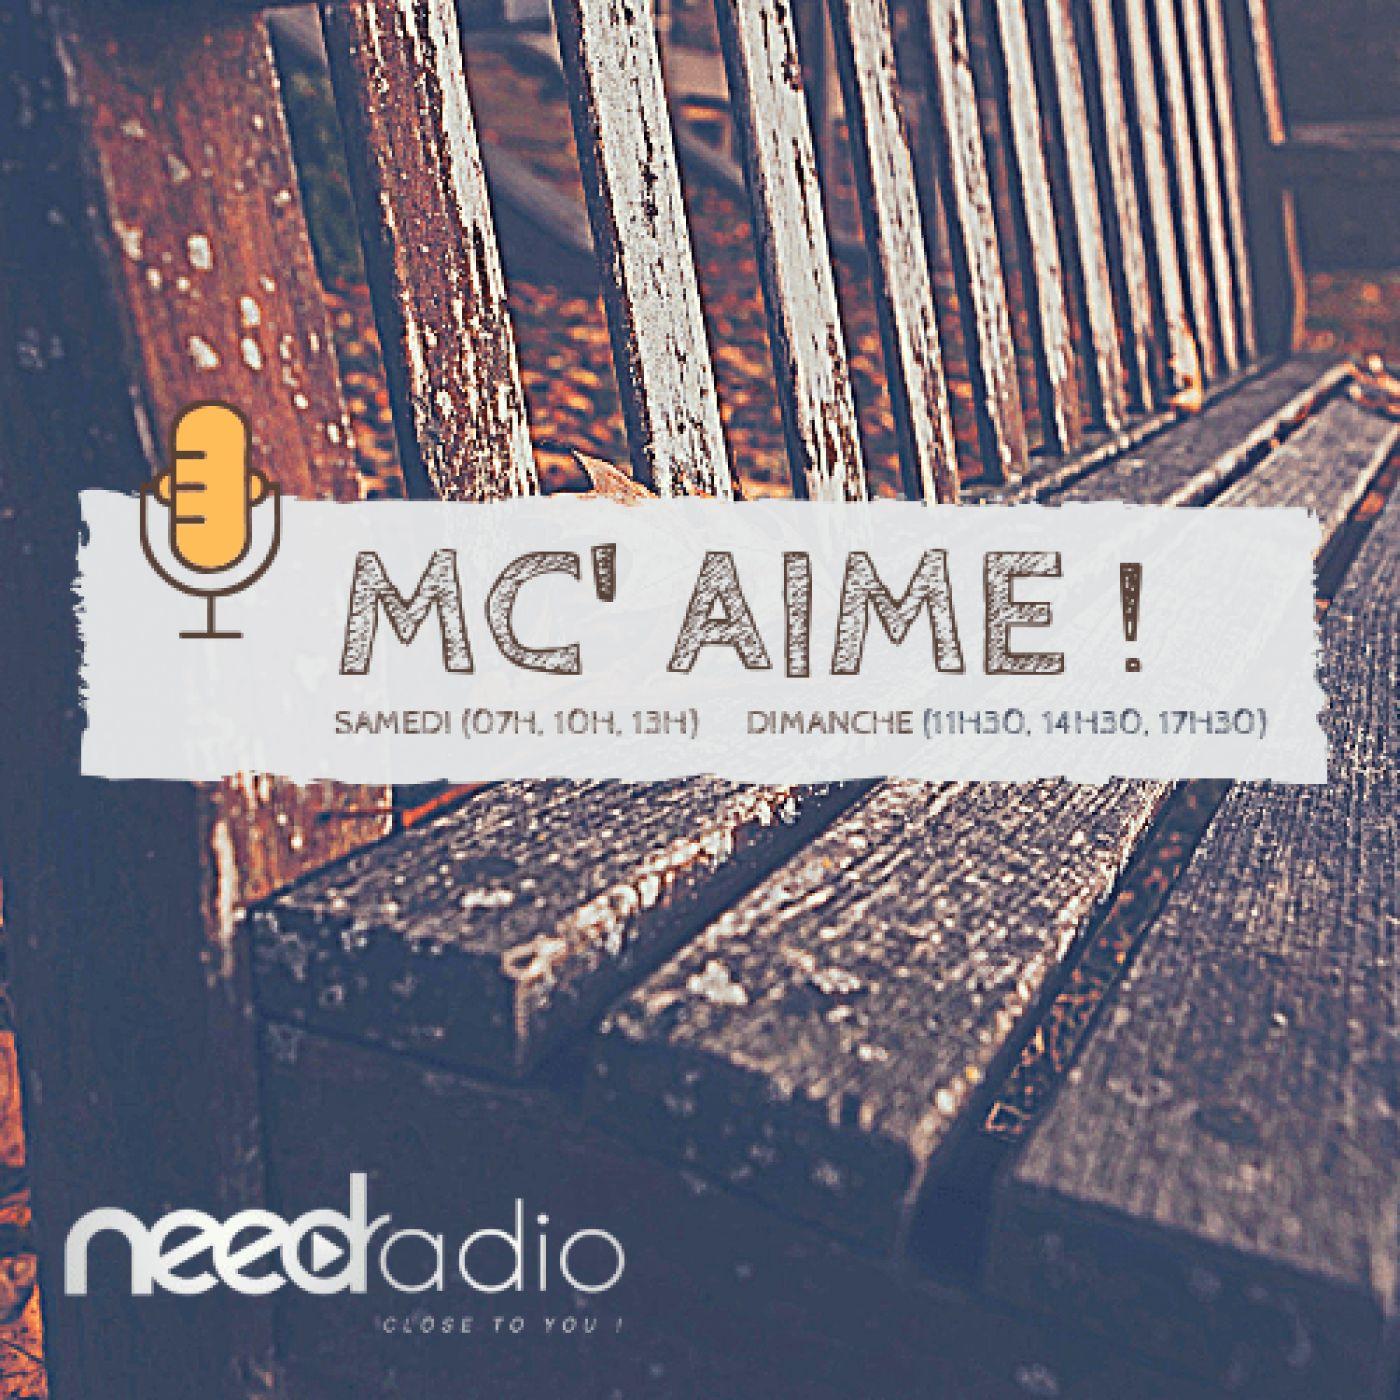 MC' Aime - Le festival Matrimoine (14/09/19)